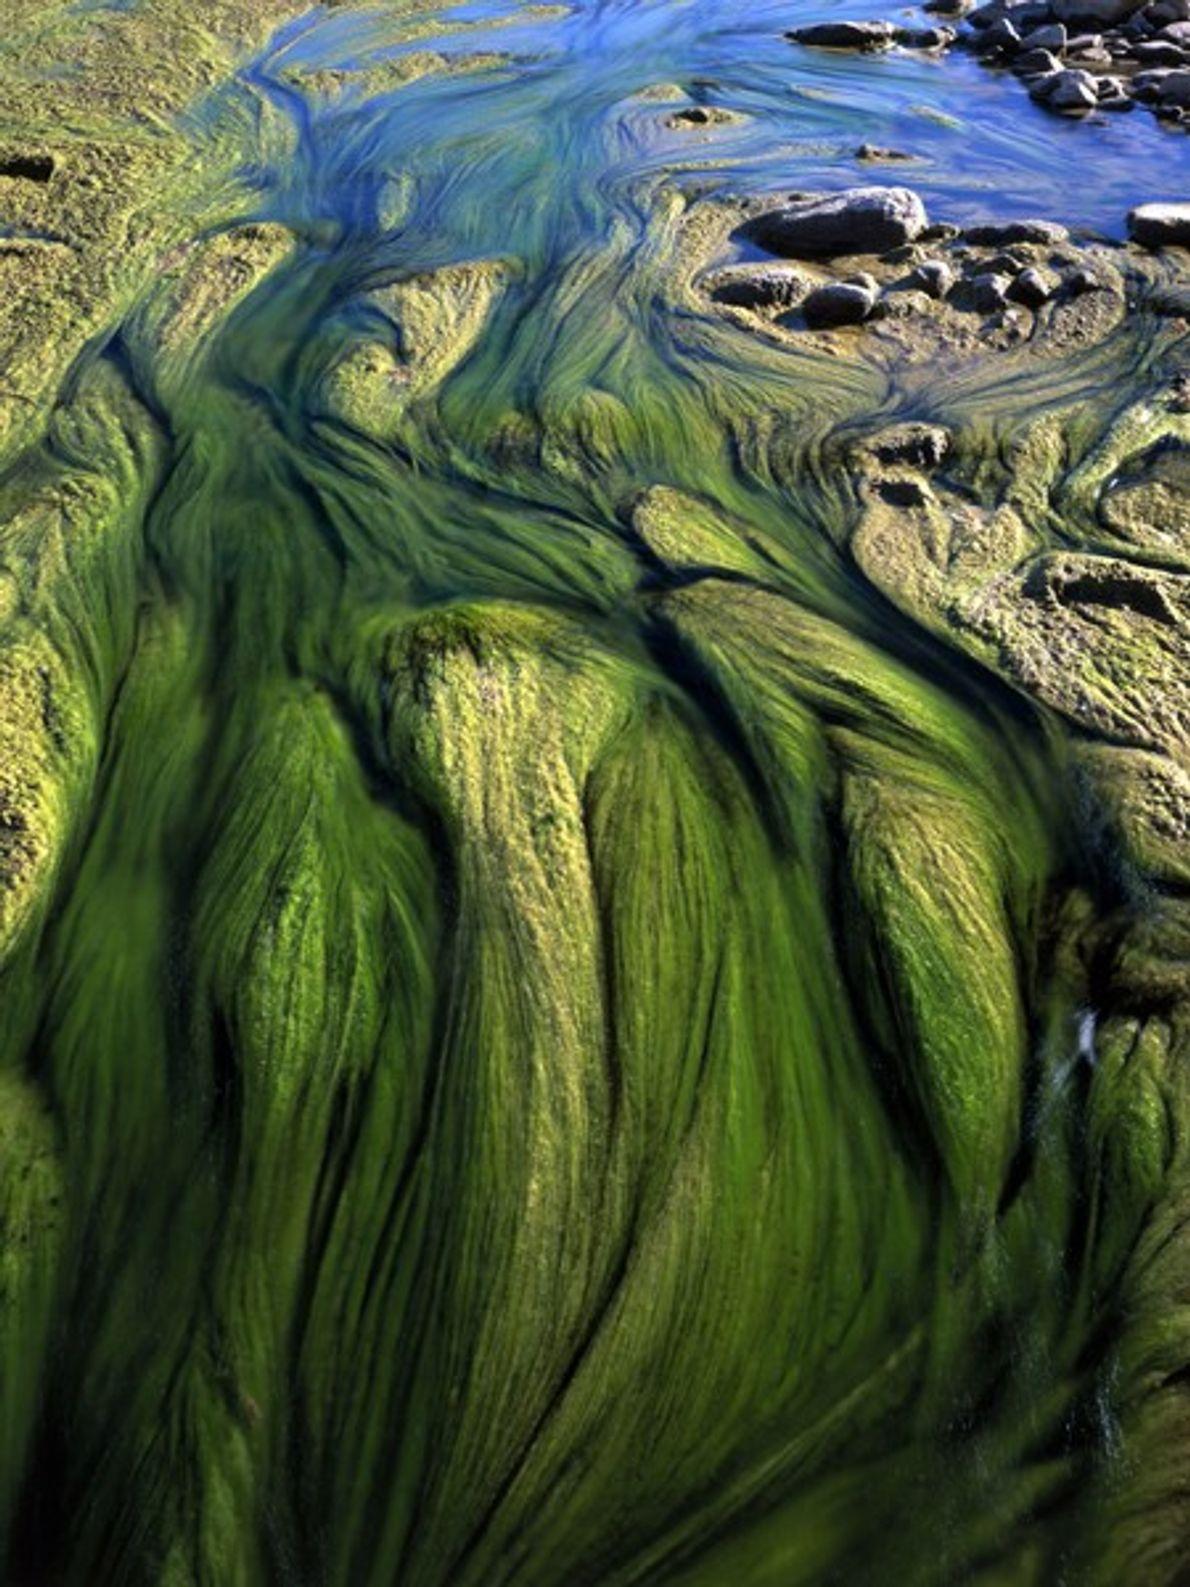 Las algas le dan color a la confluencia del Rio Grande y el Arroyo San Carlos.